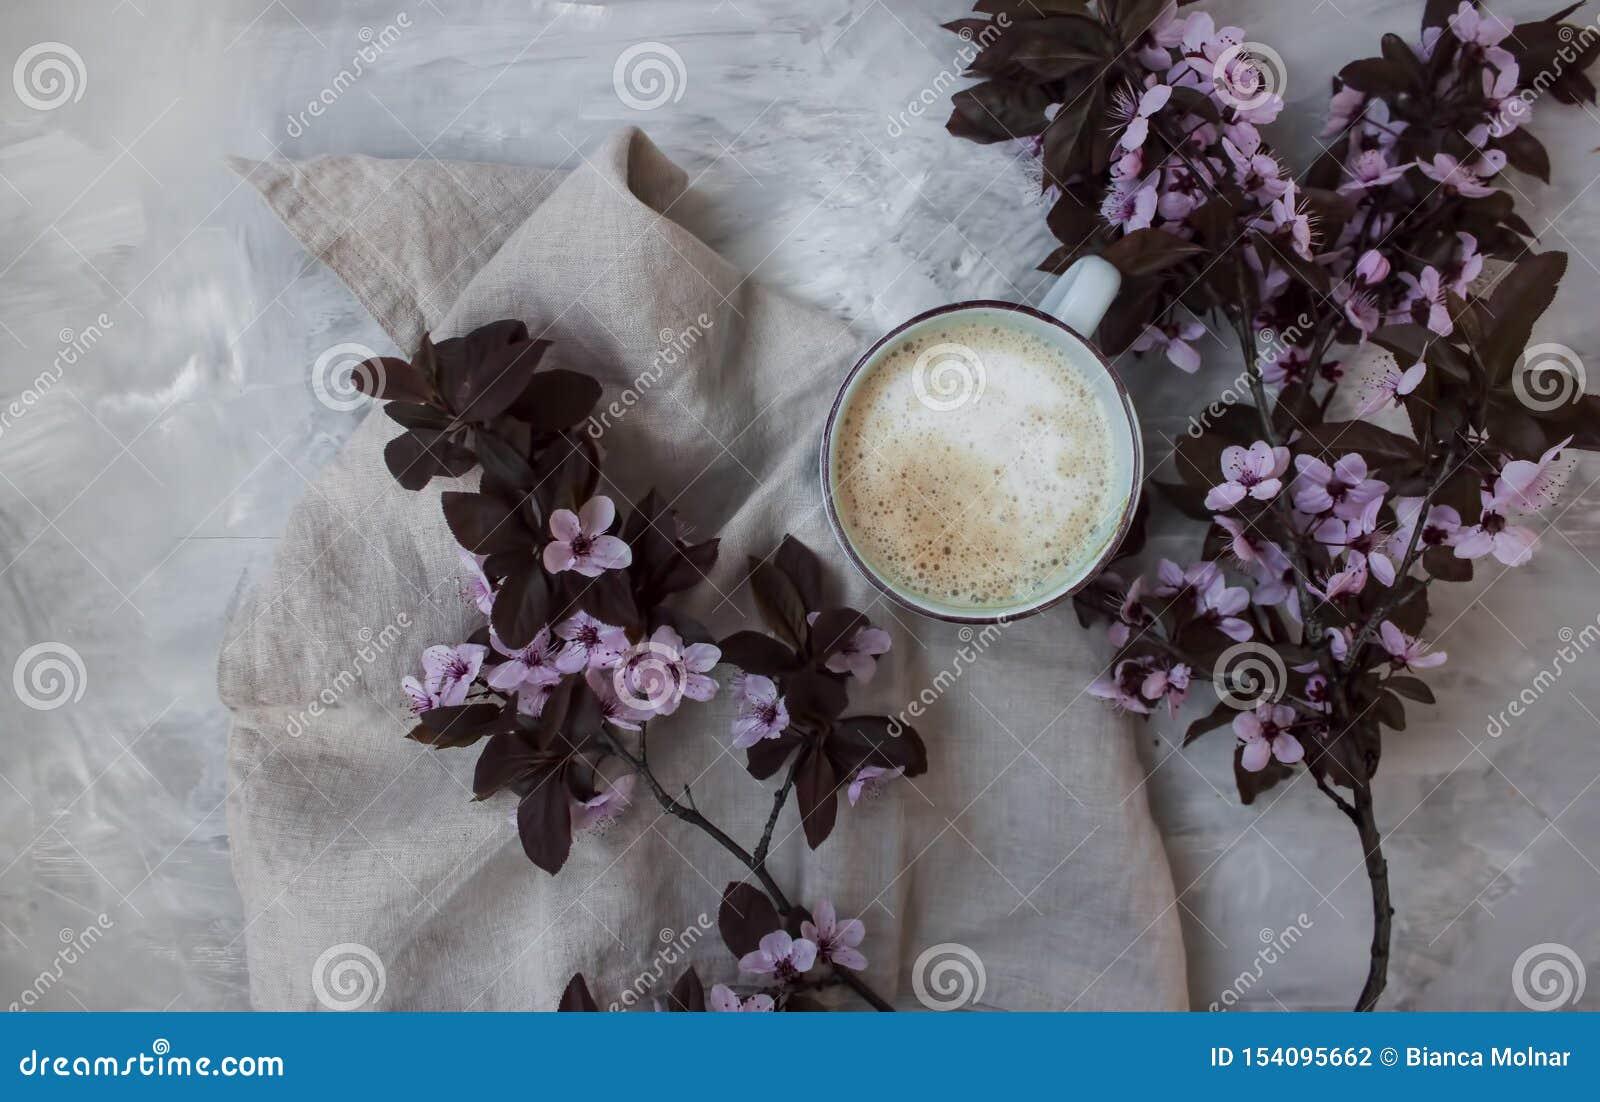 粉红彩笔花和一杯温暖的咖啡顶视图背景